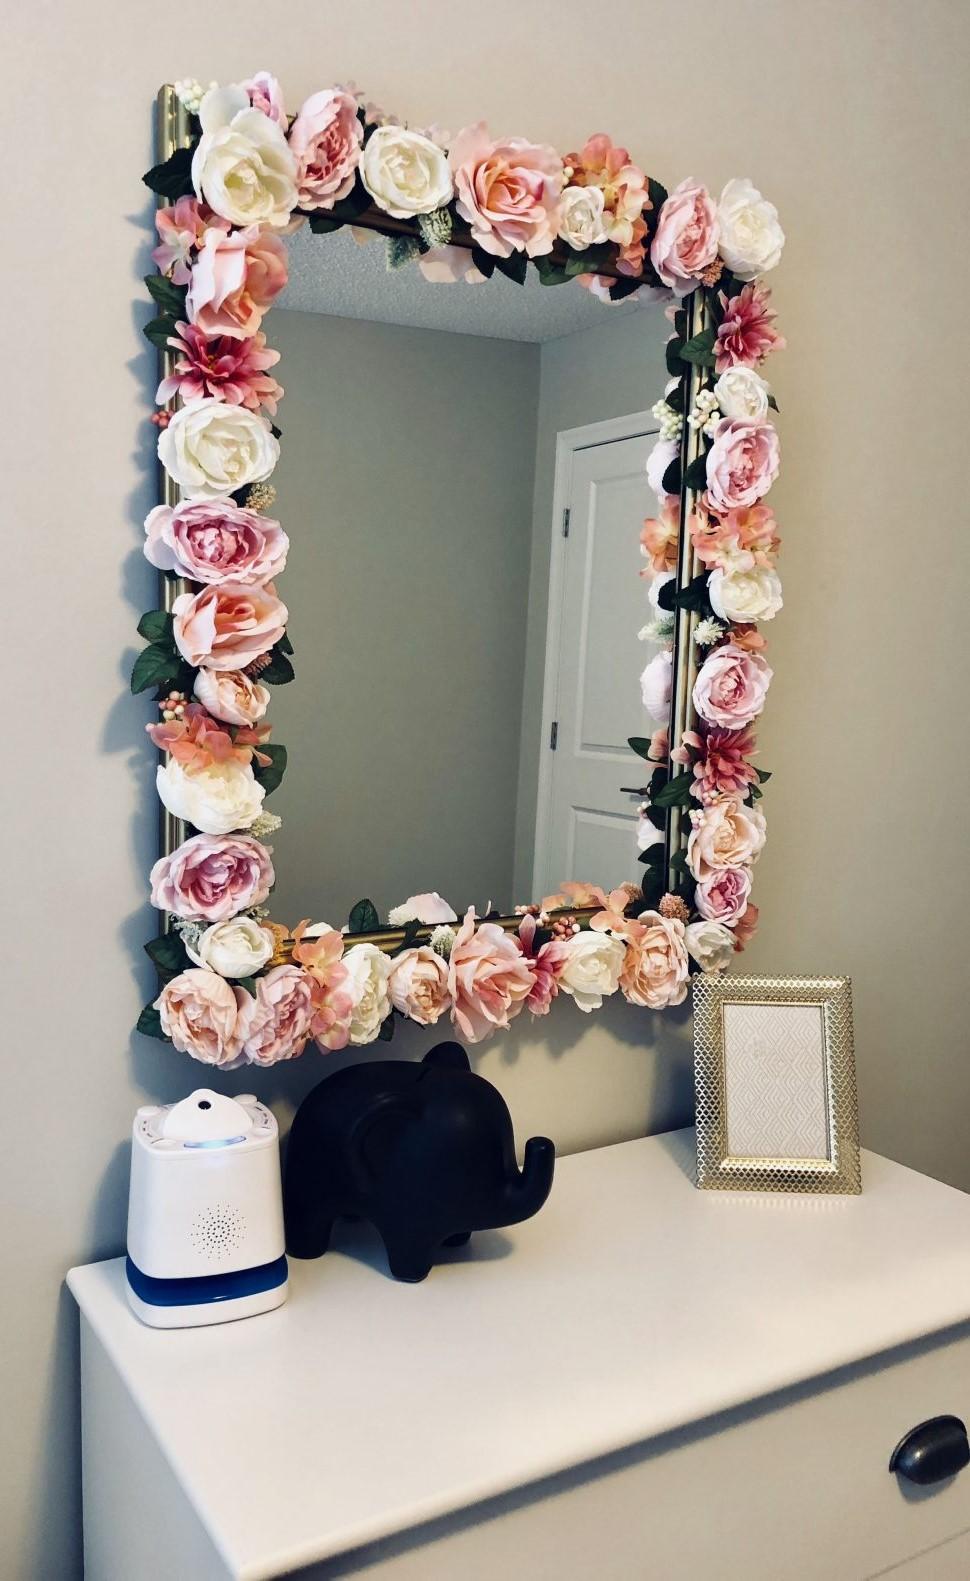 Décorez votre miroir avec des fleurs artificielles.